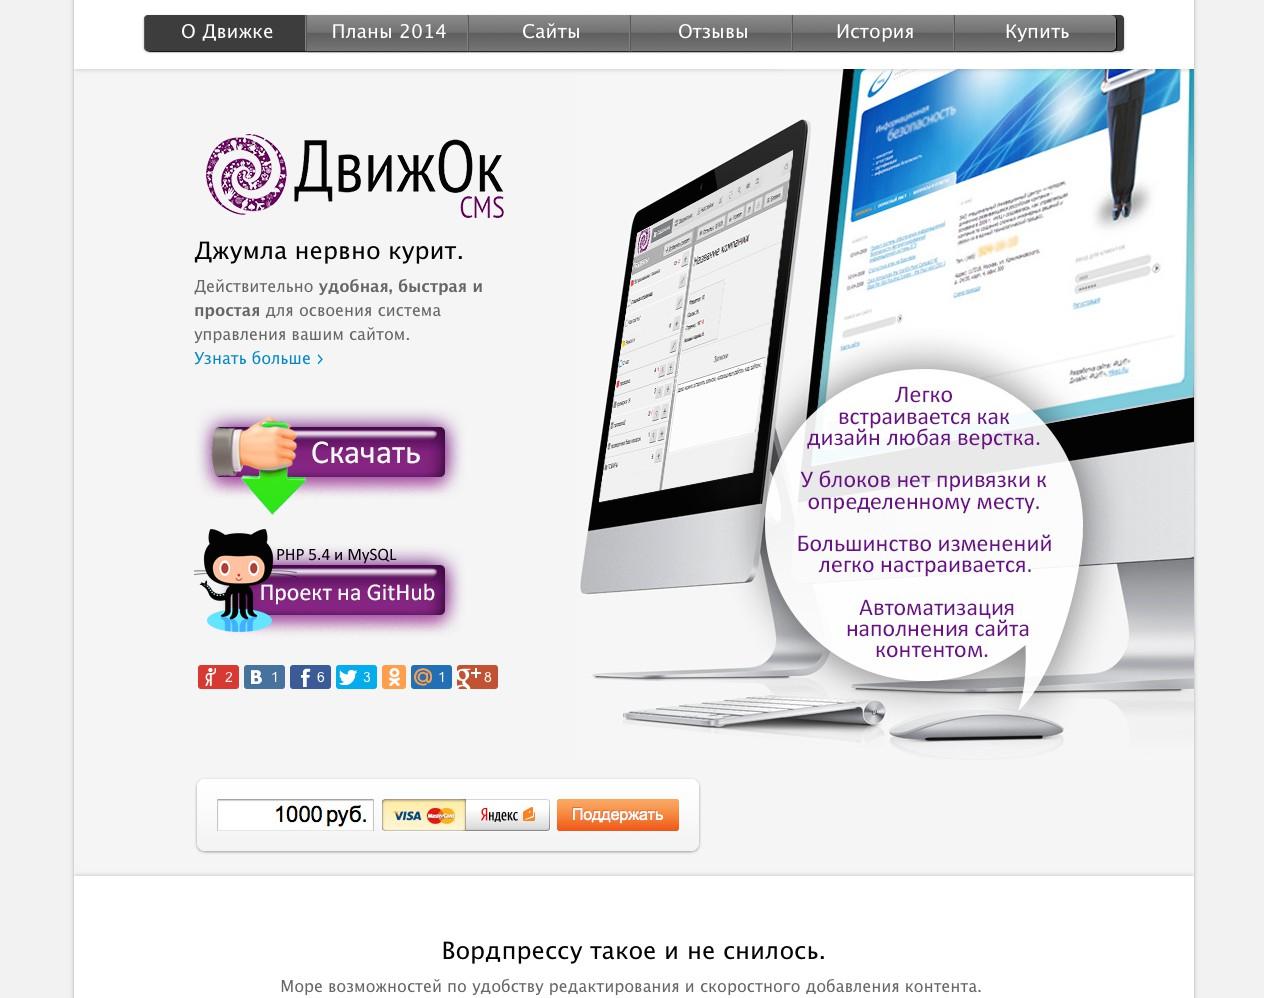 сайт с отзывными компаниями